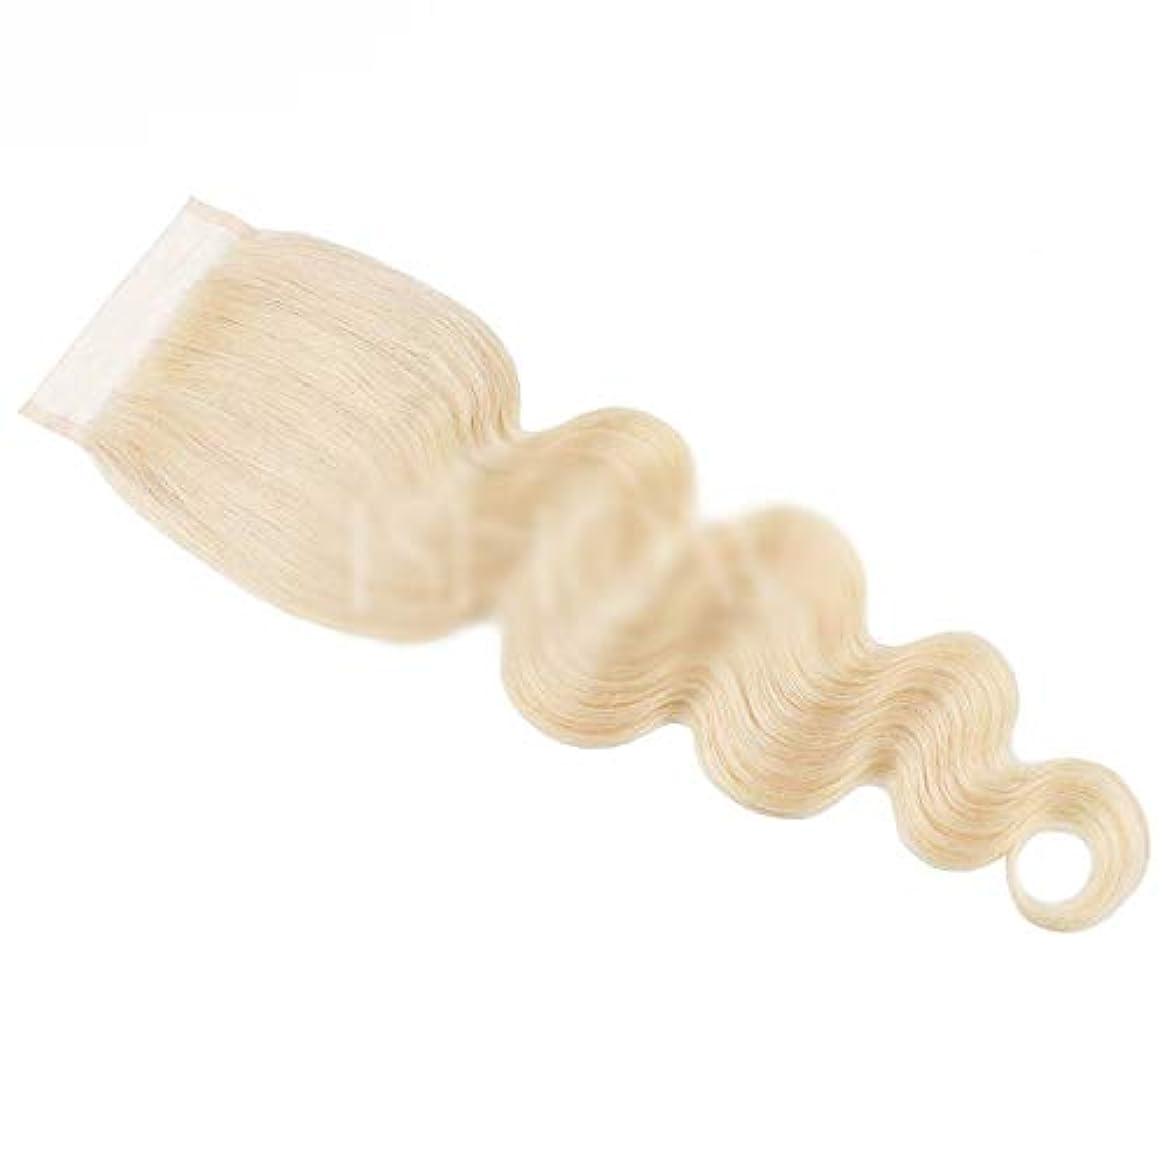 フレームワーク暴動素子HOHYLLYA ブロンドの髪4×4実体波ブラジルレース閉鎖未処理人間の髪ロールプレイングかつら女性のかつら (色 : Blonde, サイズ : 20 inch)